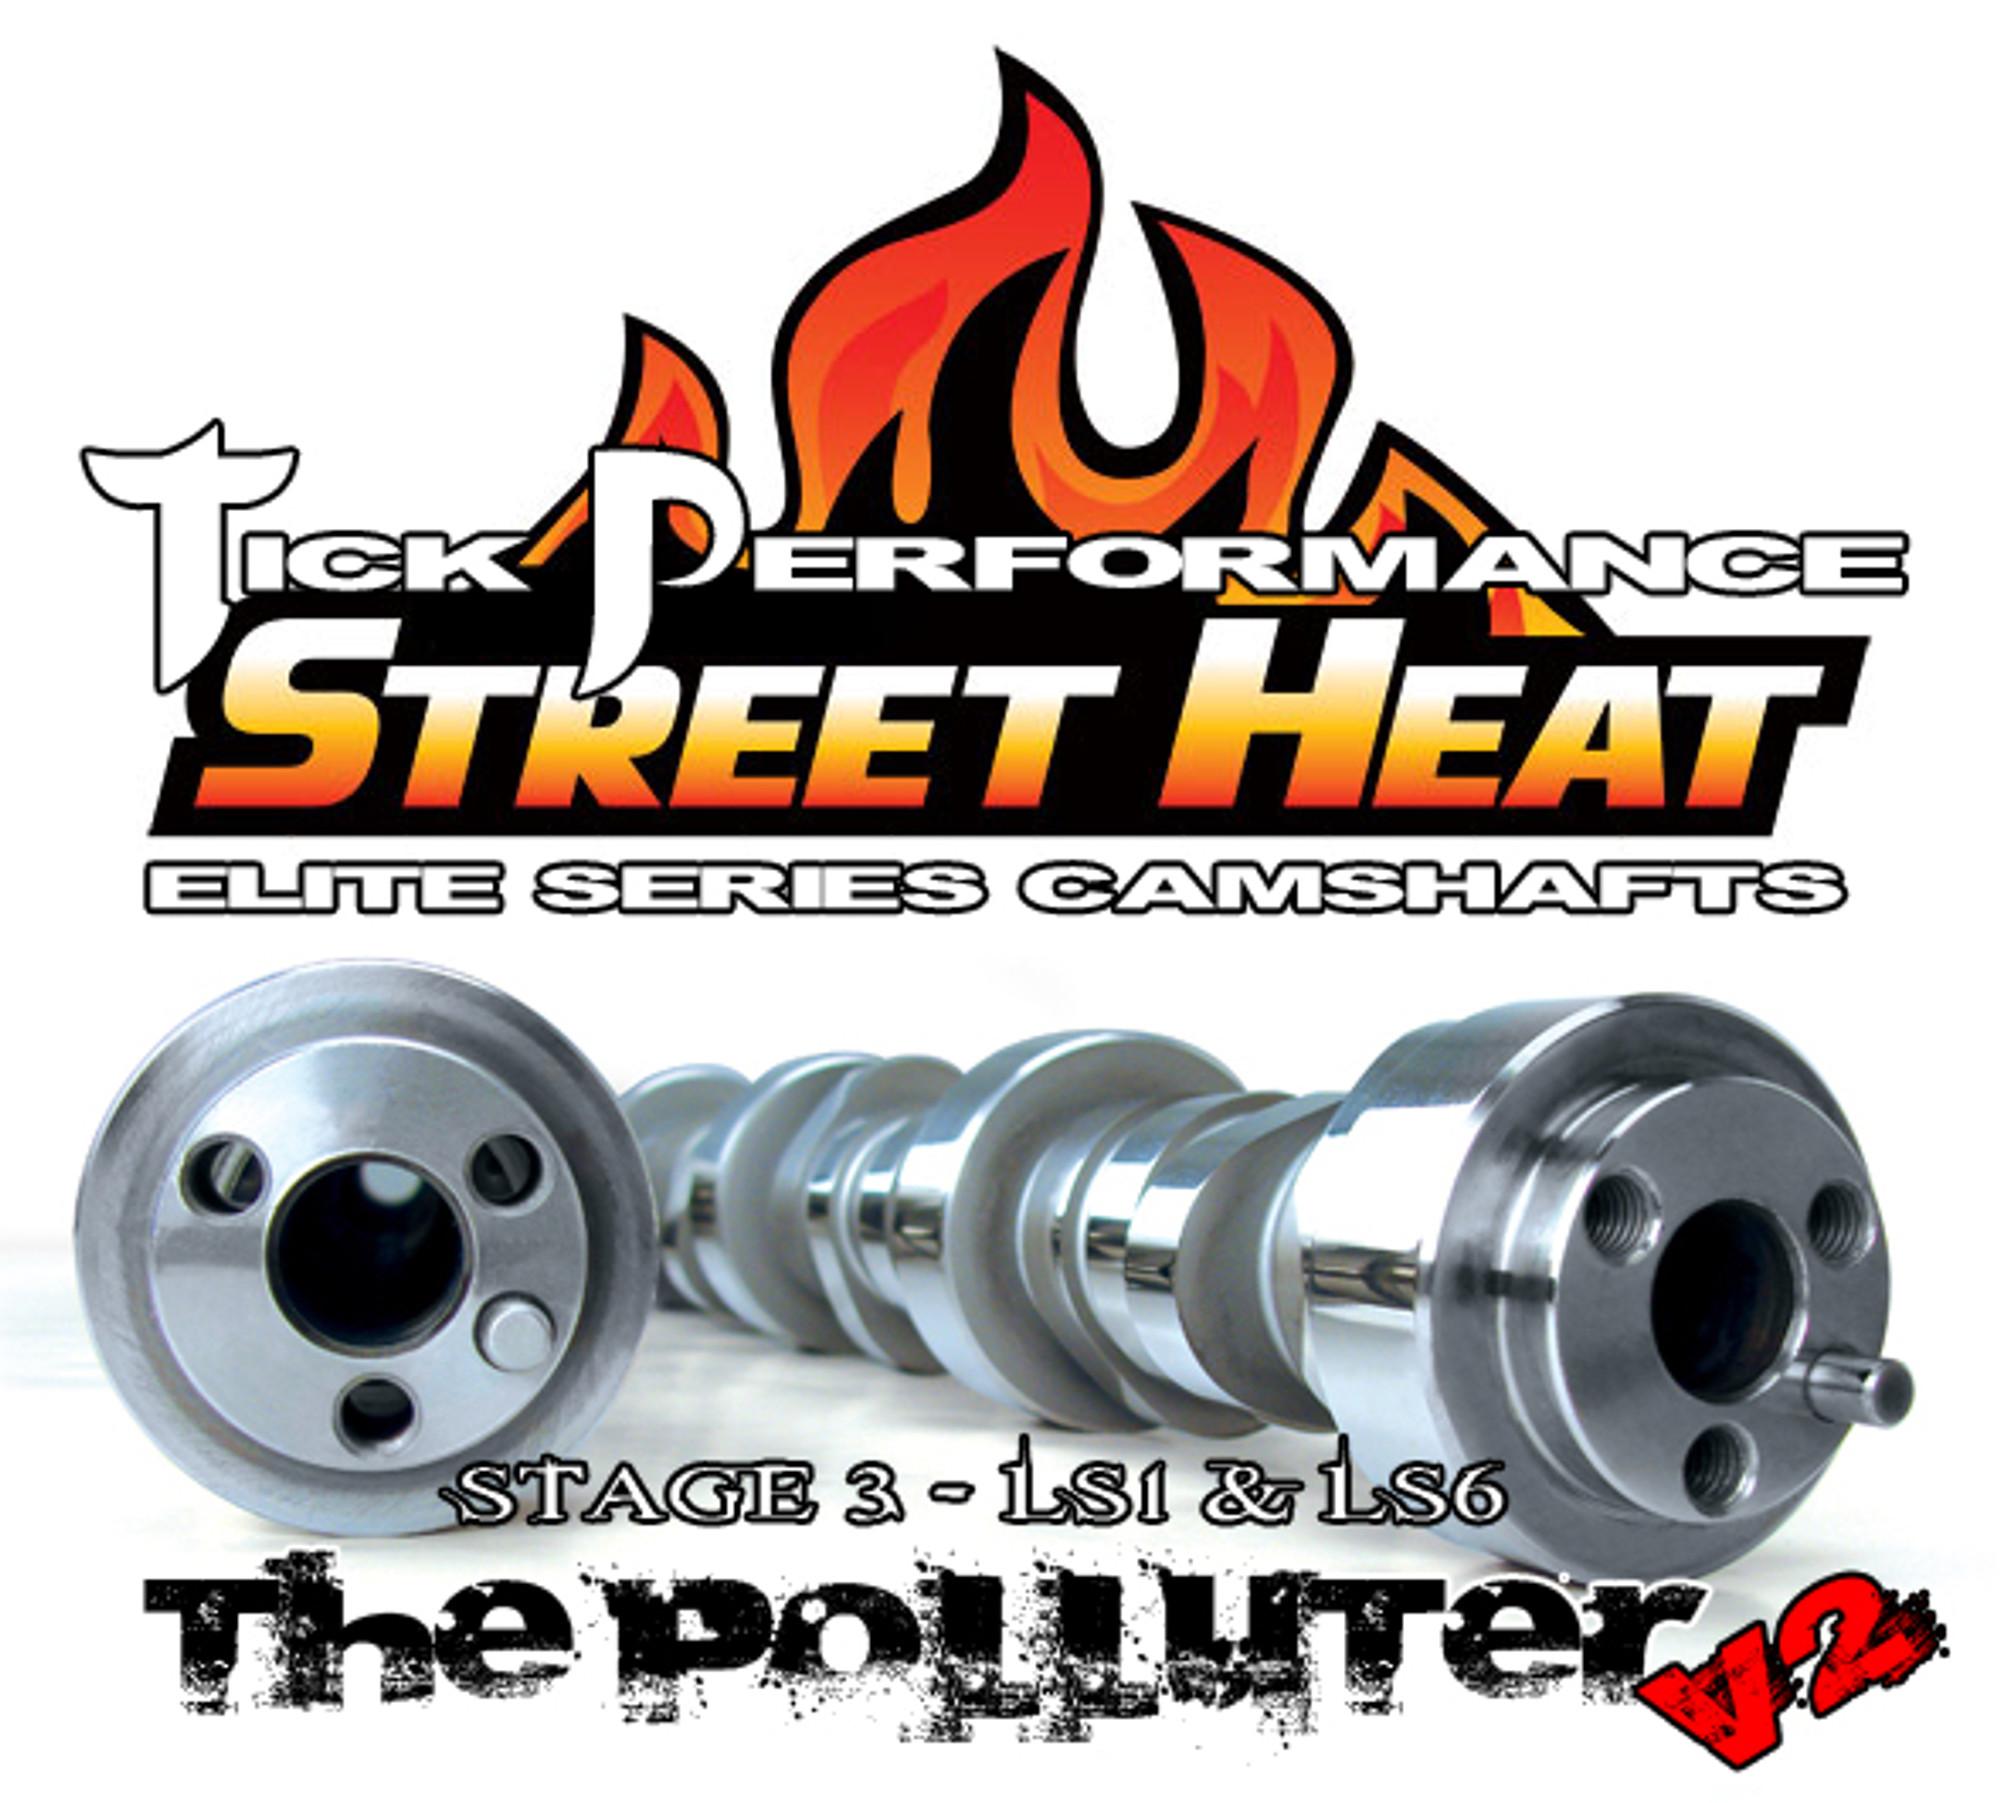 Corvette Ls6 Camshaft: Tick Performance Street Heat Stage 3 POLLUTER V2 Camshaft